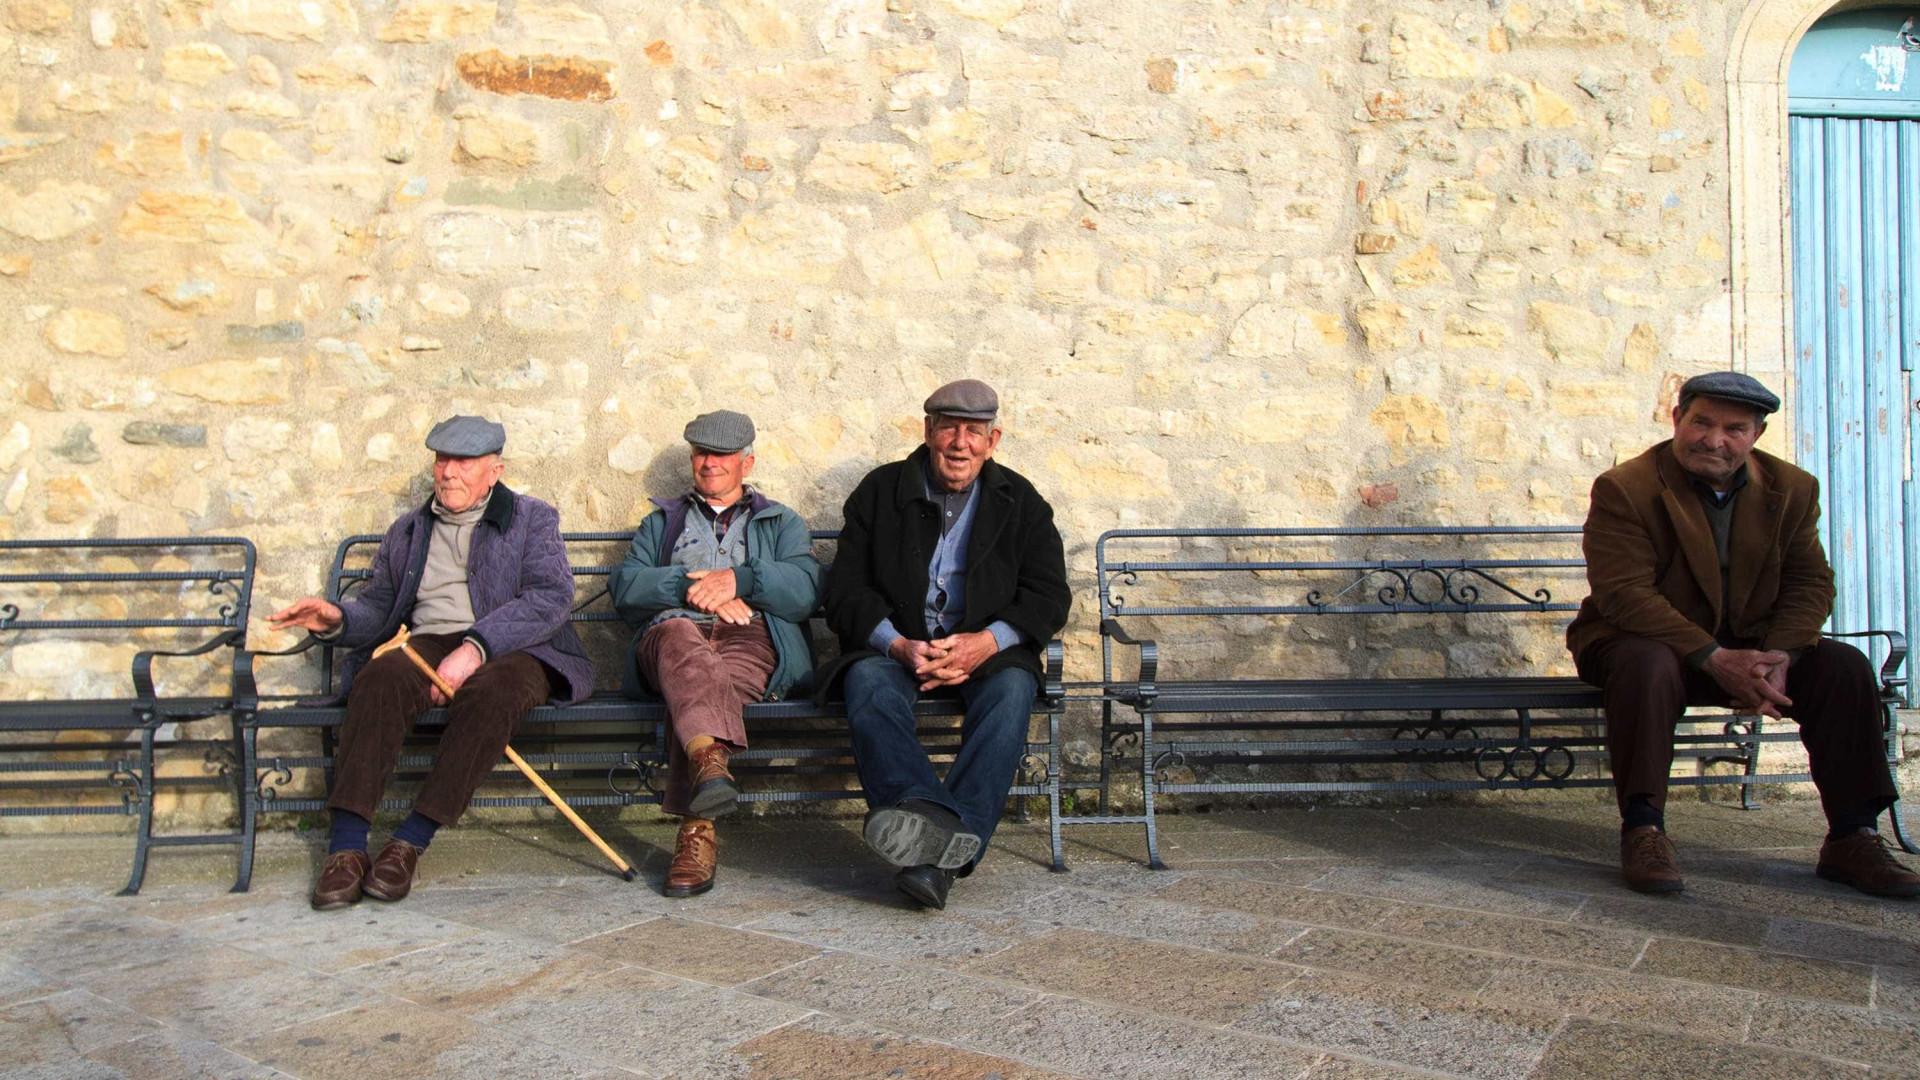 """CGTP: Aumento da idade da reforma é """"insustentável e inaceitável"""""""